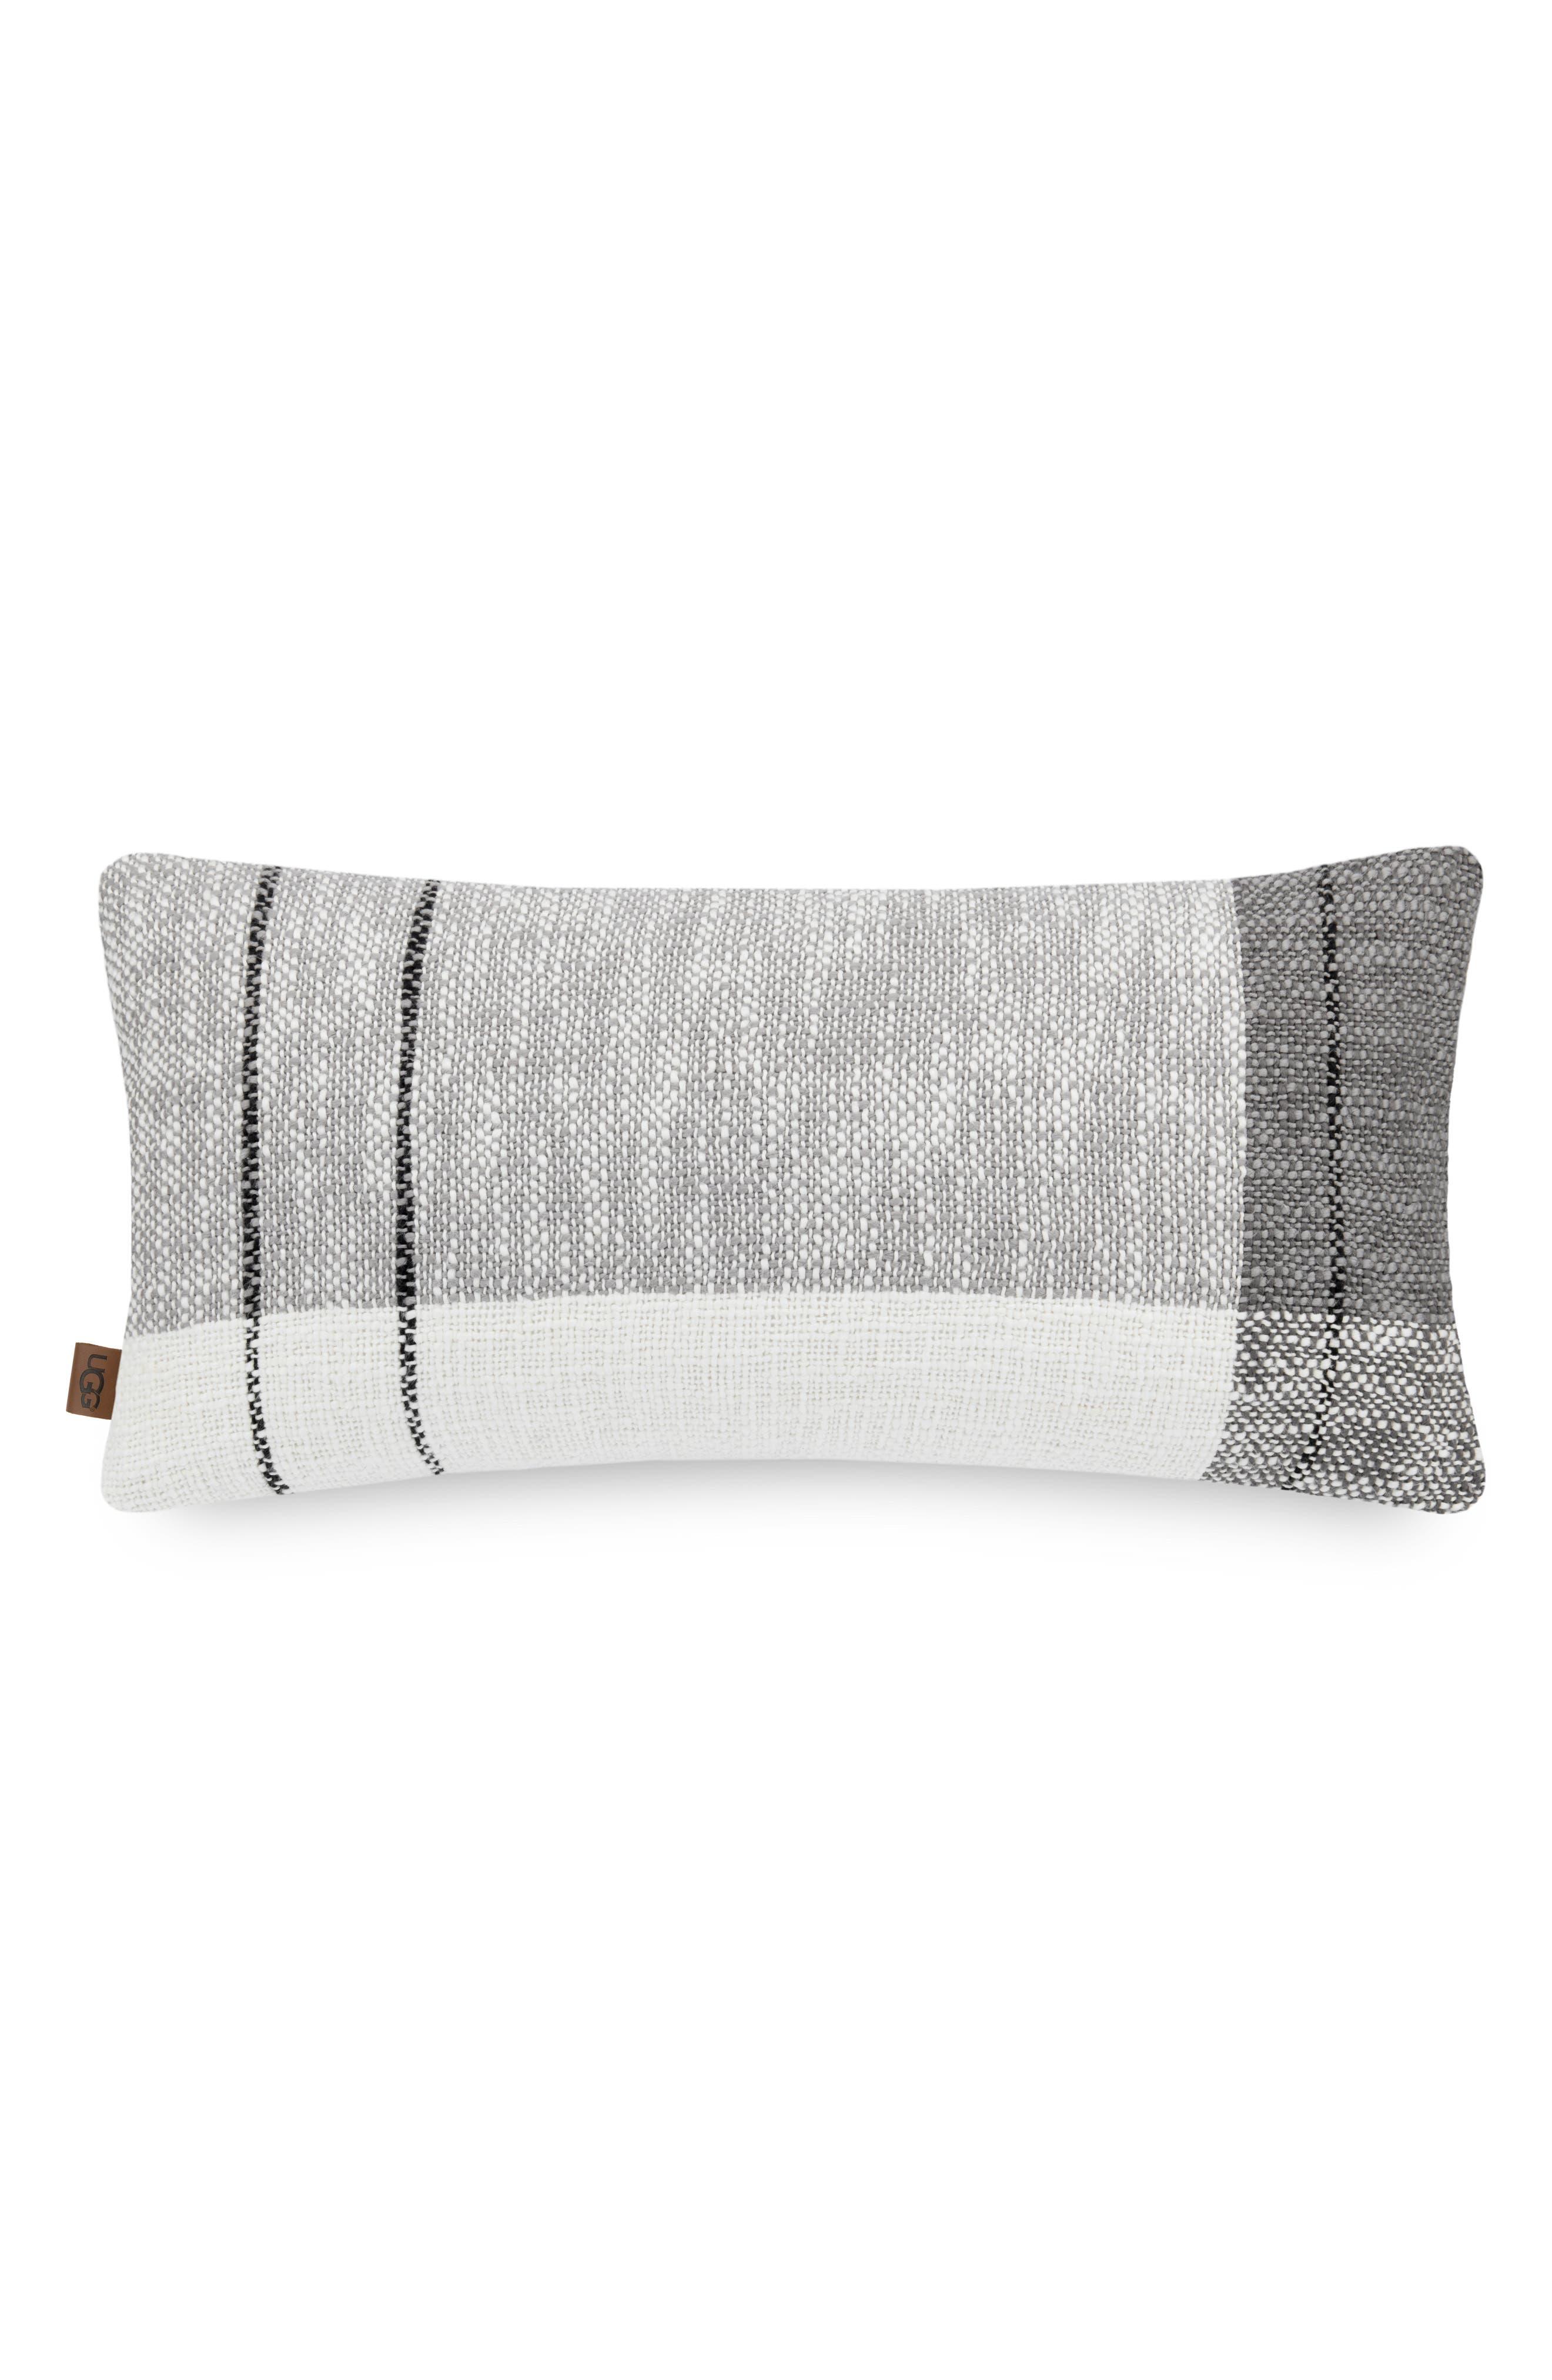 UGG<SUP>®</SUP> Benson Hug Accent Pillow, Main, color, SEAL MULTI